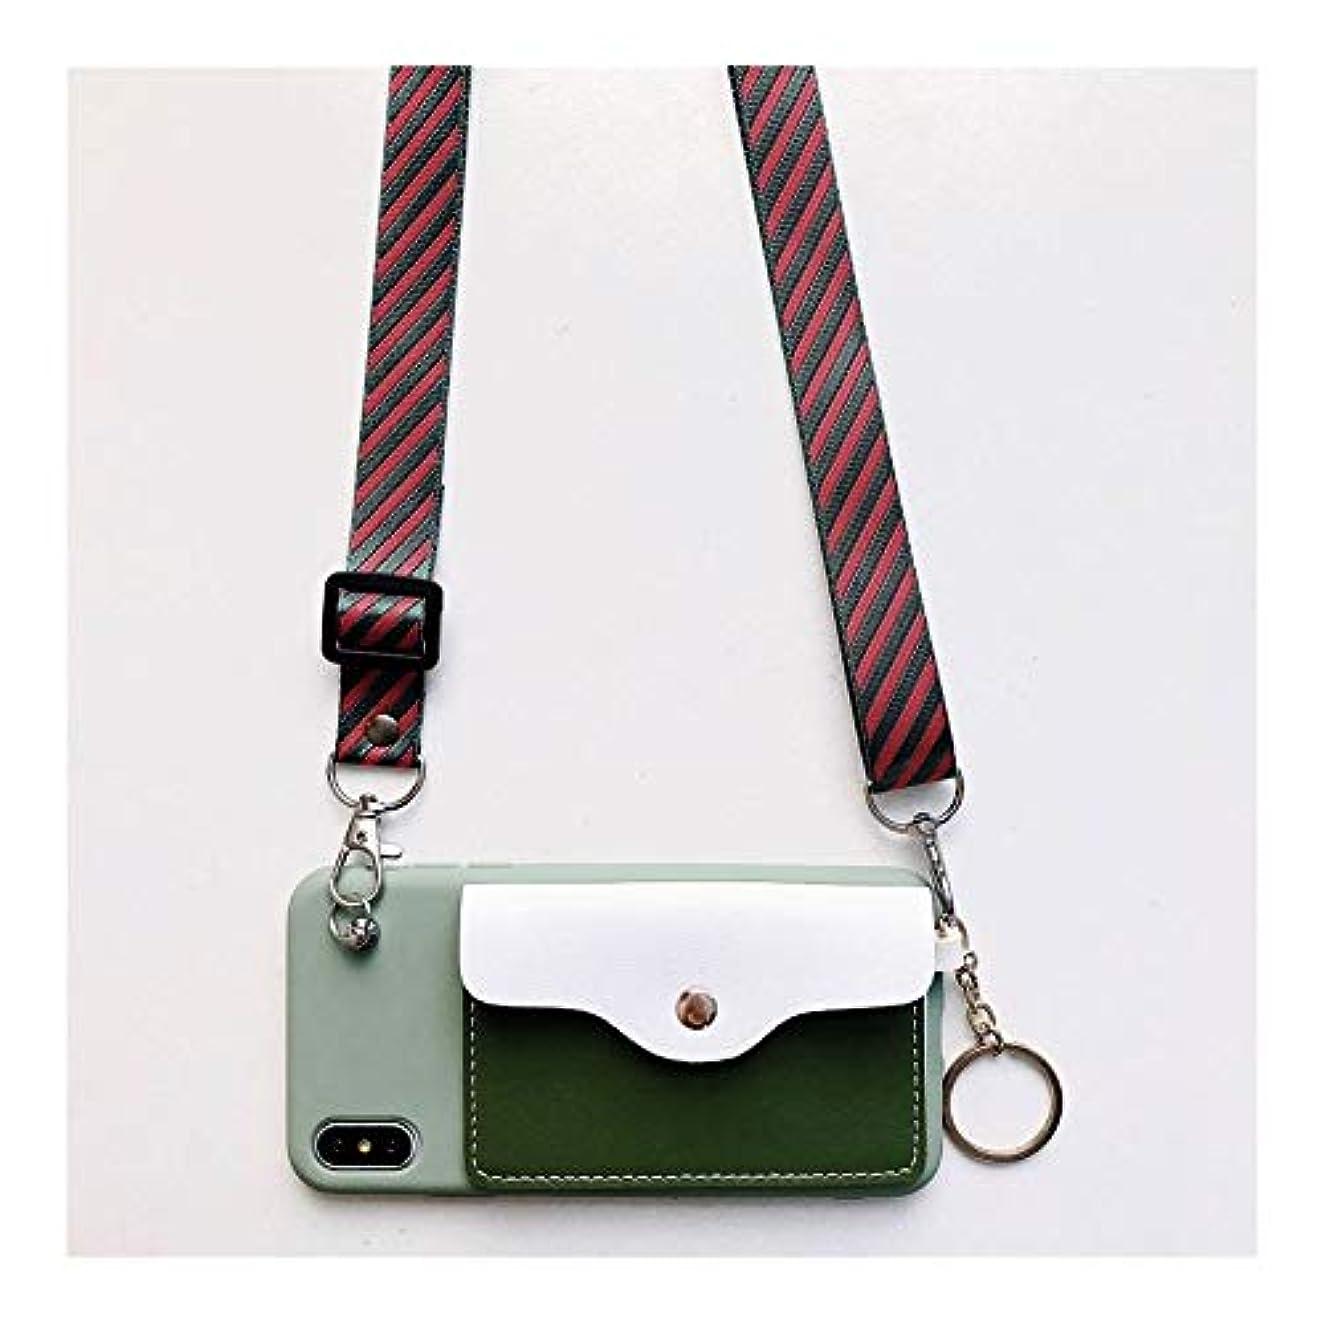 パシフィックチーター米国DingFaS ソフトスマホケース for Iphone 11/XS/X/XS/8/7/6 かわいい 携帯ケース 軽量 保護ケース カバー 小銭入れ ポケット付き スマートホンケース (Color : 緑, Size : Iphone6/6S)